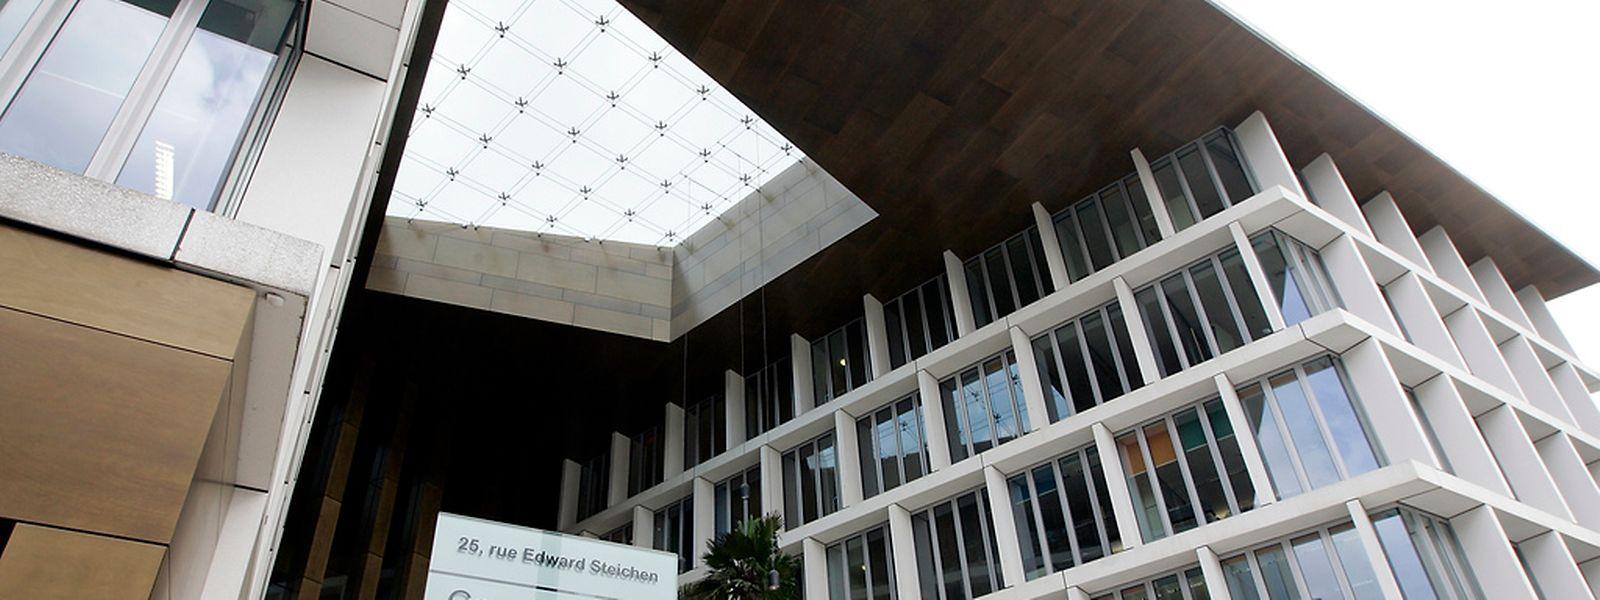 Luxemburger Banken - darunter die hiesige Tochter der Commerzbank - und Vermögensverwalter aus dem Großherzogtum sollen Briefkastenfirmen aus Panama vermittelt haben, damit Kunden Vermögen vor dem Fiskus verstecken konnten.